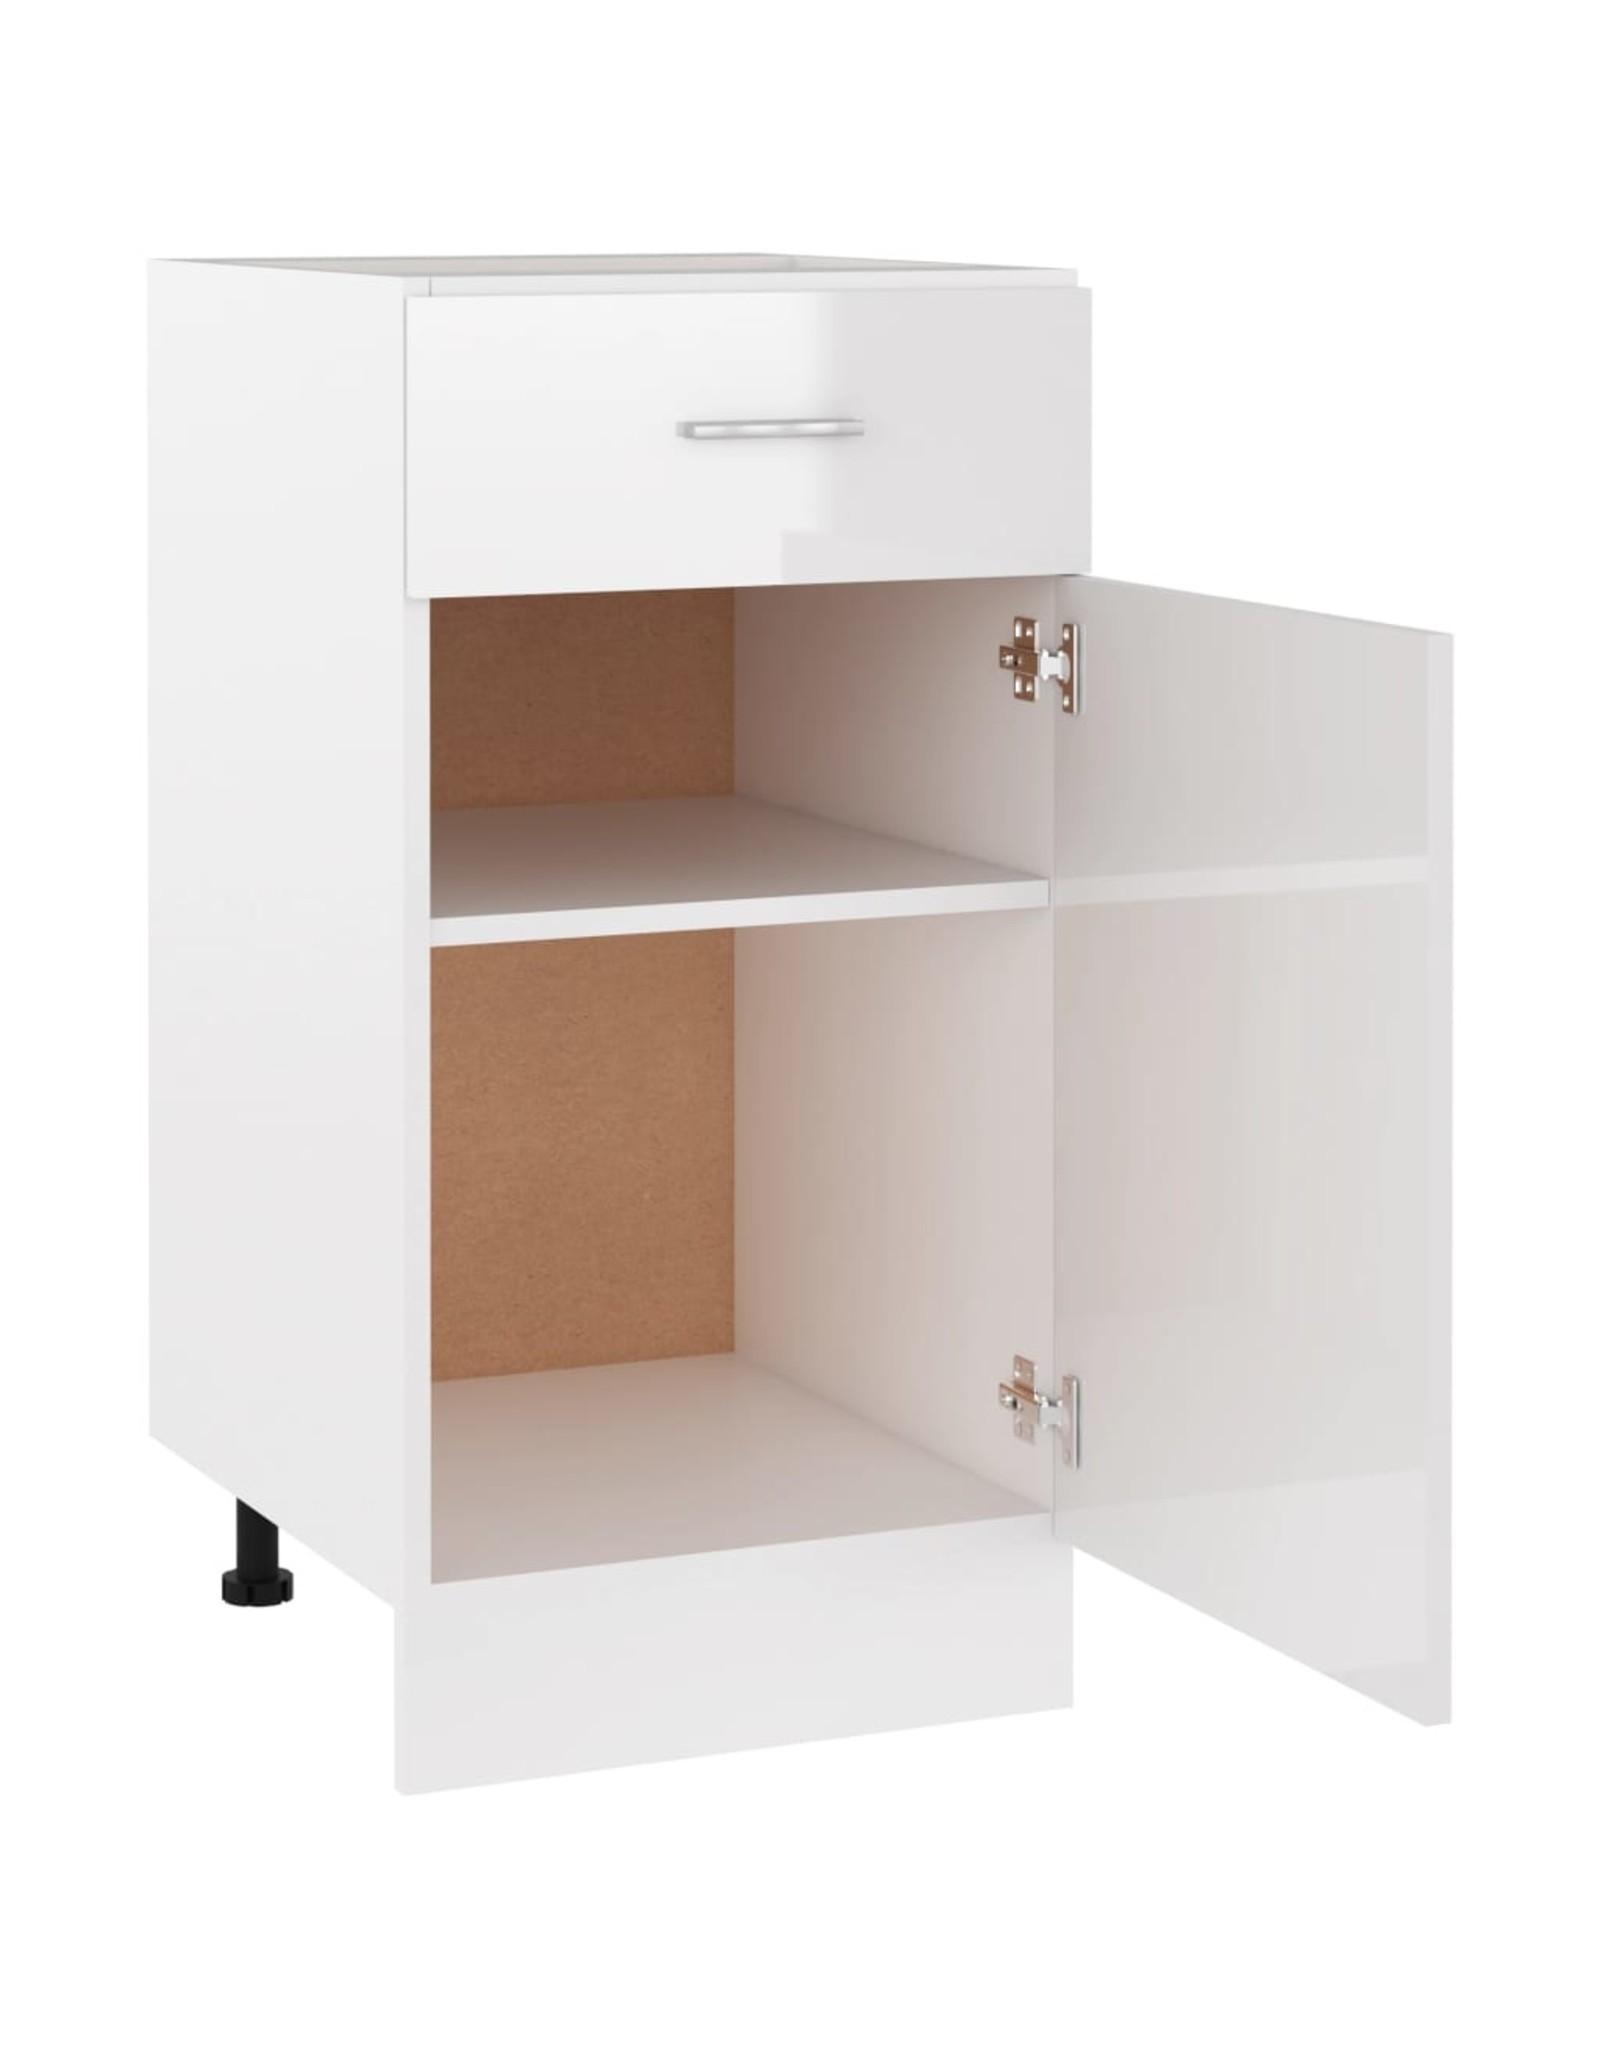 Onderkast met lade 40x46x81,5 cm spaanplaat hoogglans wit